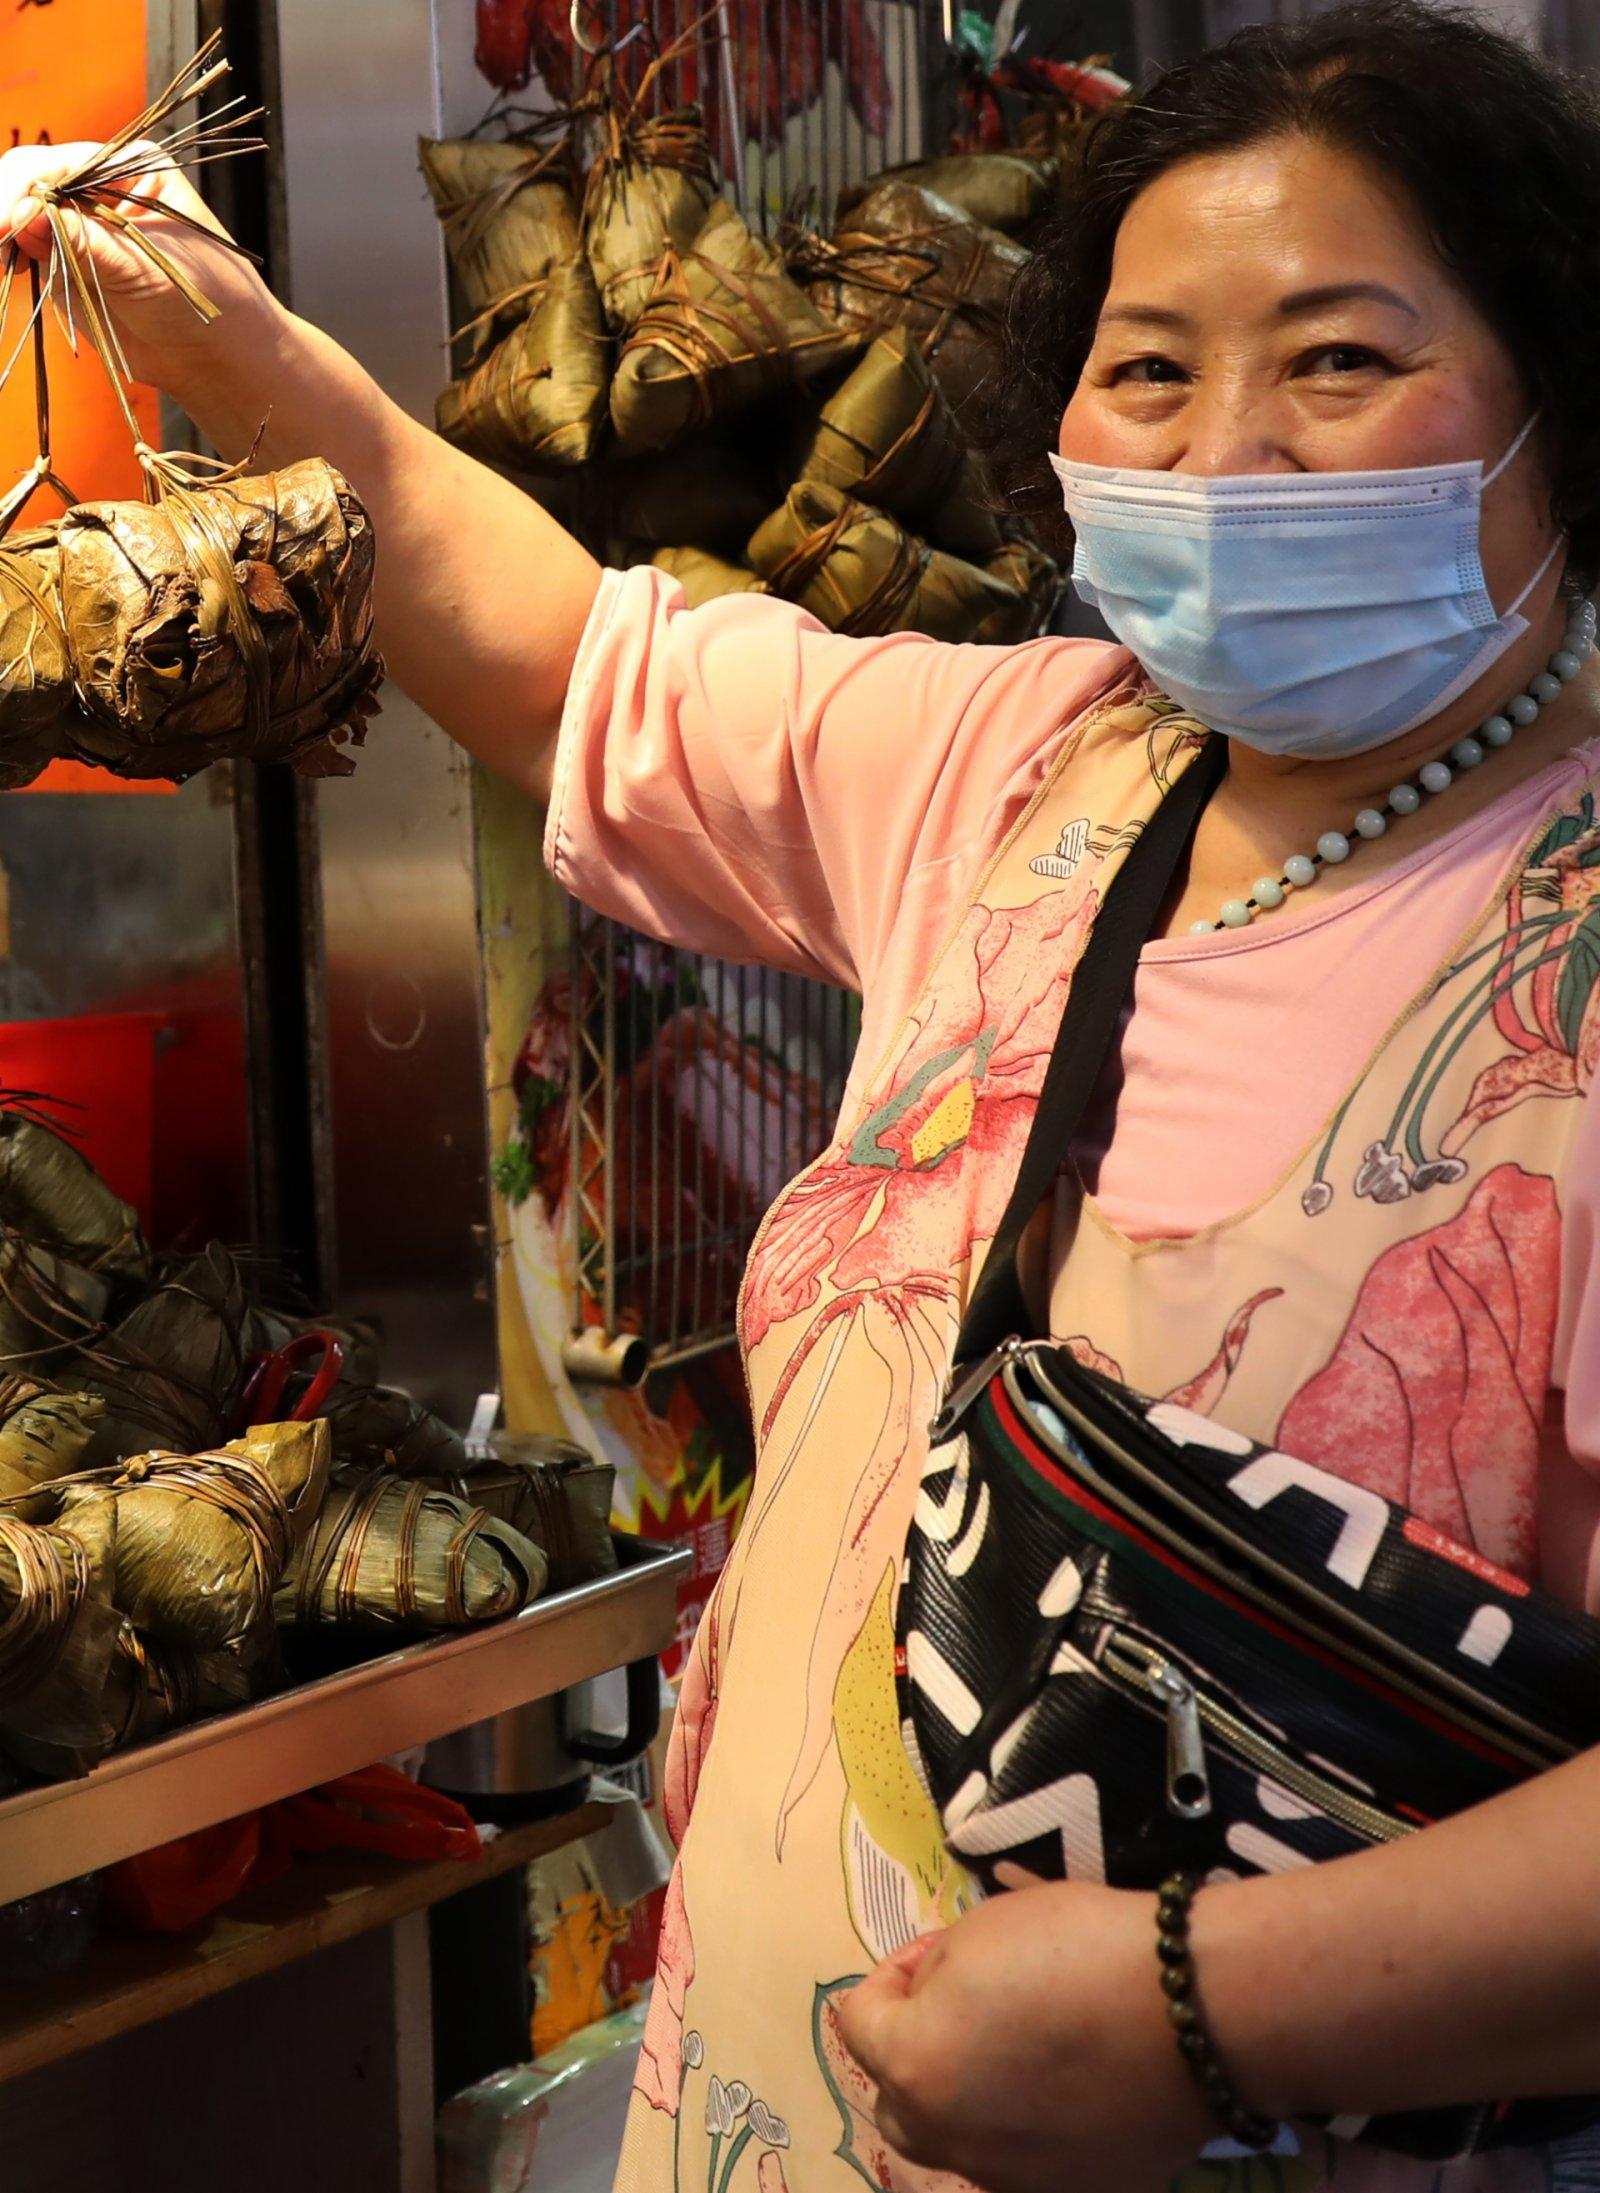 香港端午佳節氣氛漸濃 市民齊盼穩定繁榮